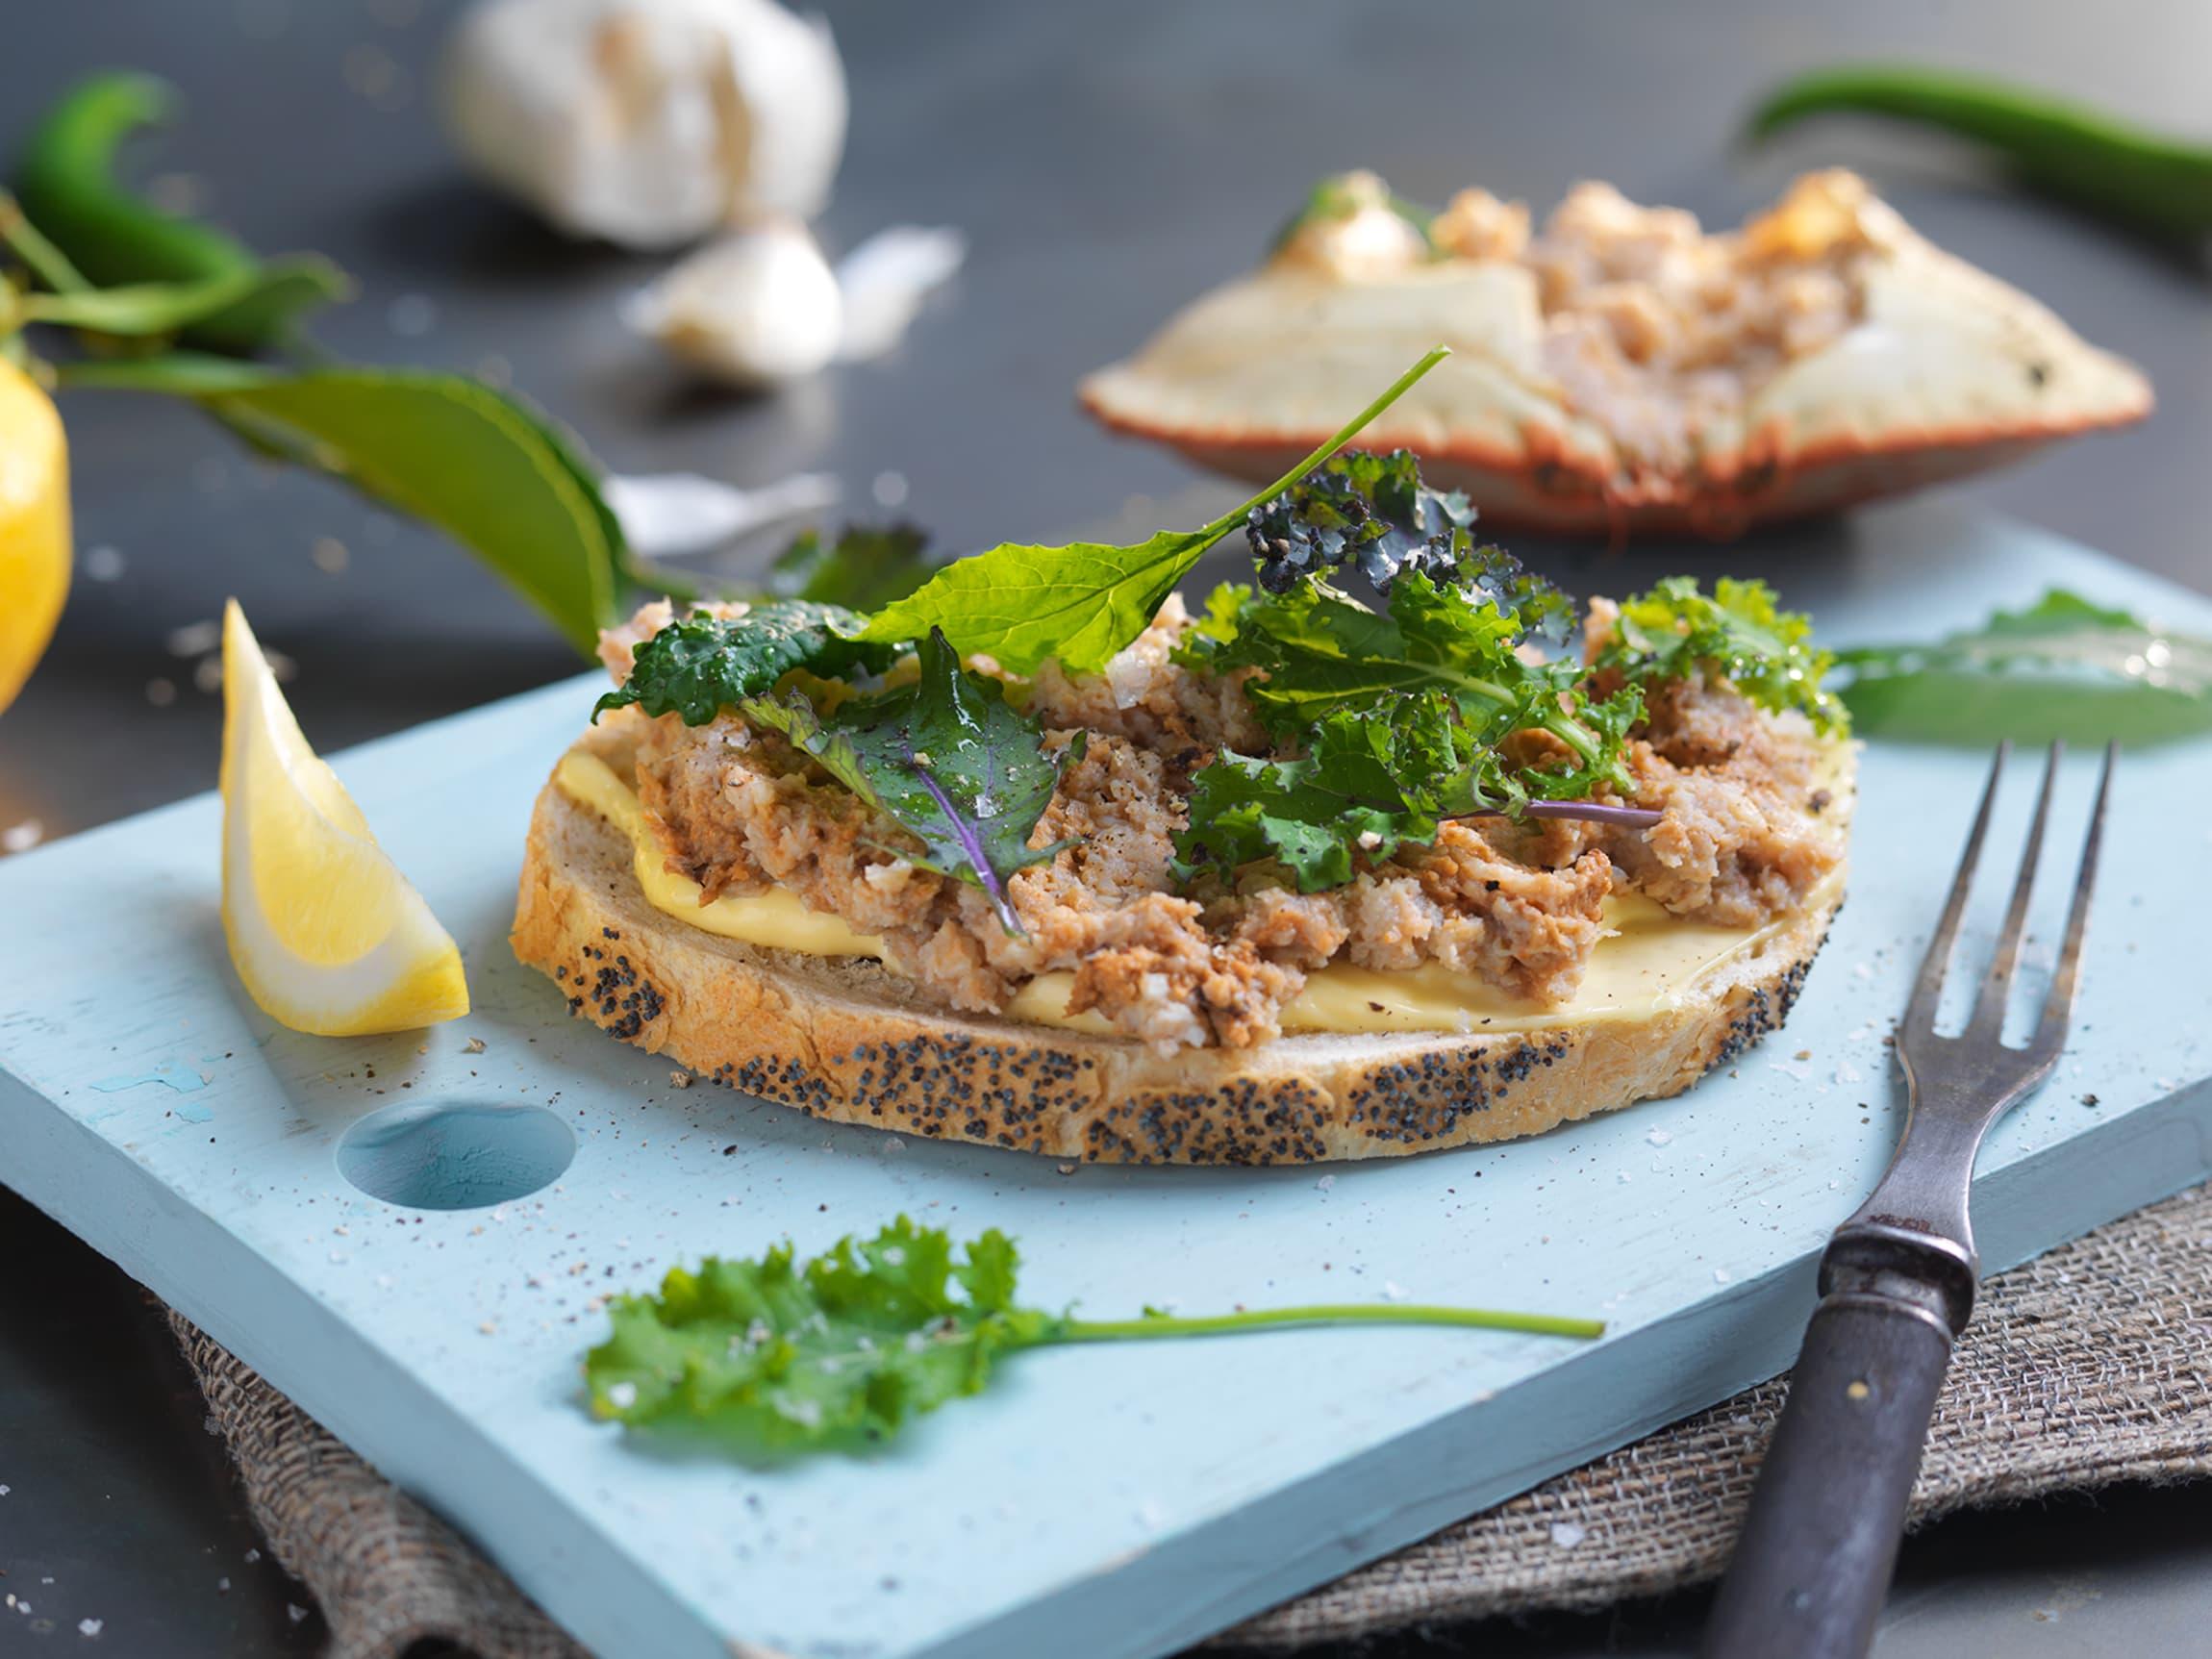 Her har vi blandet krabbekjøttet med aioli, sweet chili og sitronsaft, og hatt blandingen på loff med litt grønn salat.